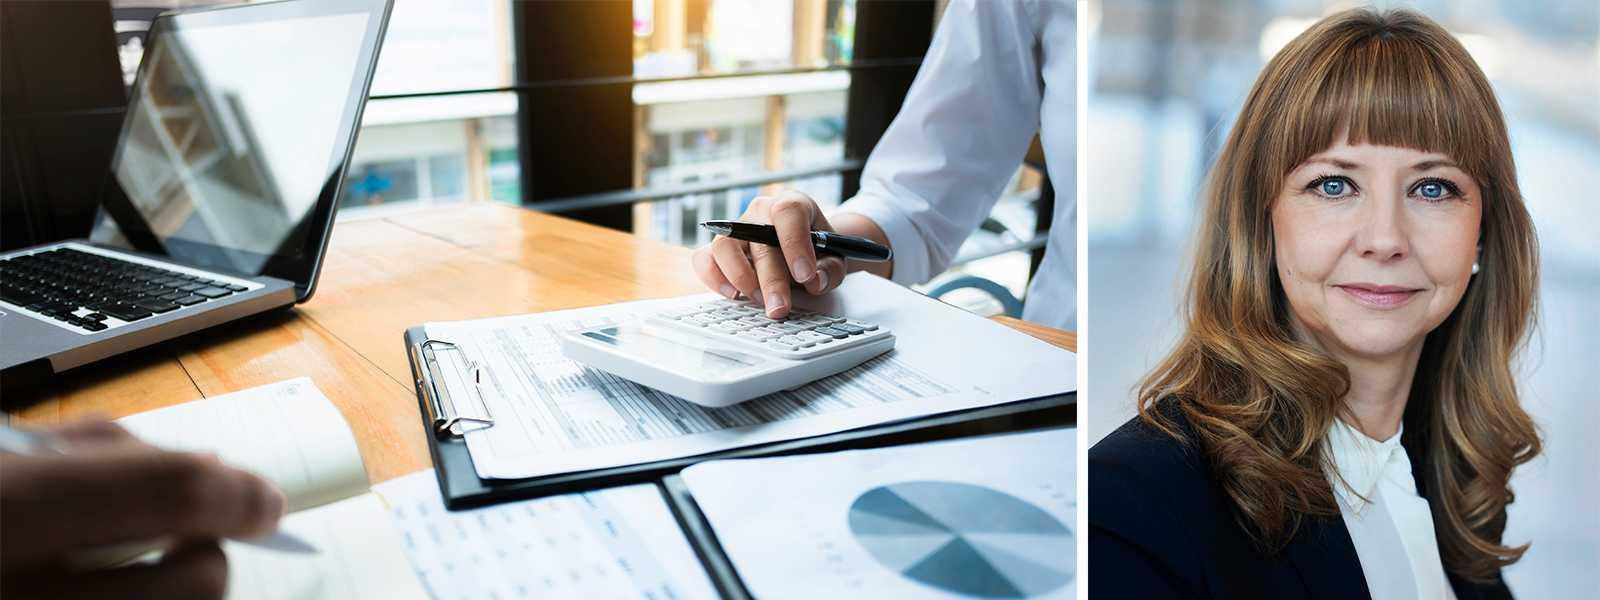 Vissa försäkringar bör alla ha – andra kan man skippa, enligt Carita Lindborg på Konsumenternas Försäkringsbyrå.